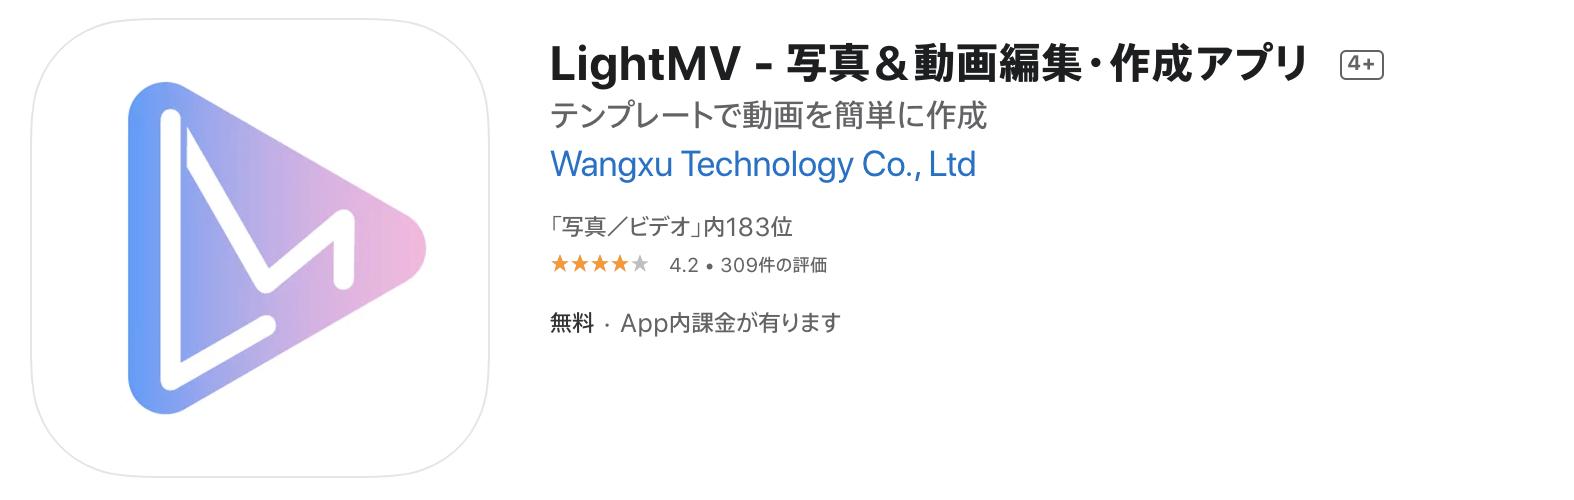 LightMV